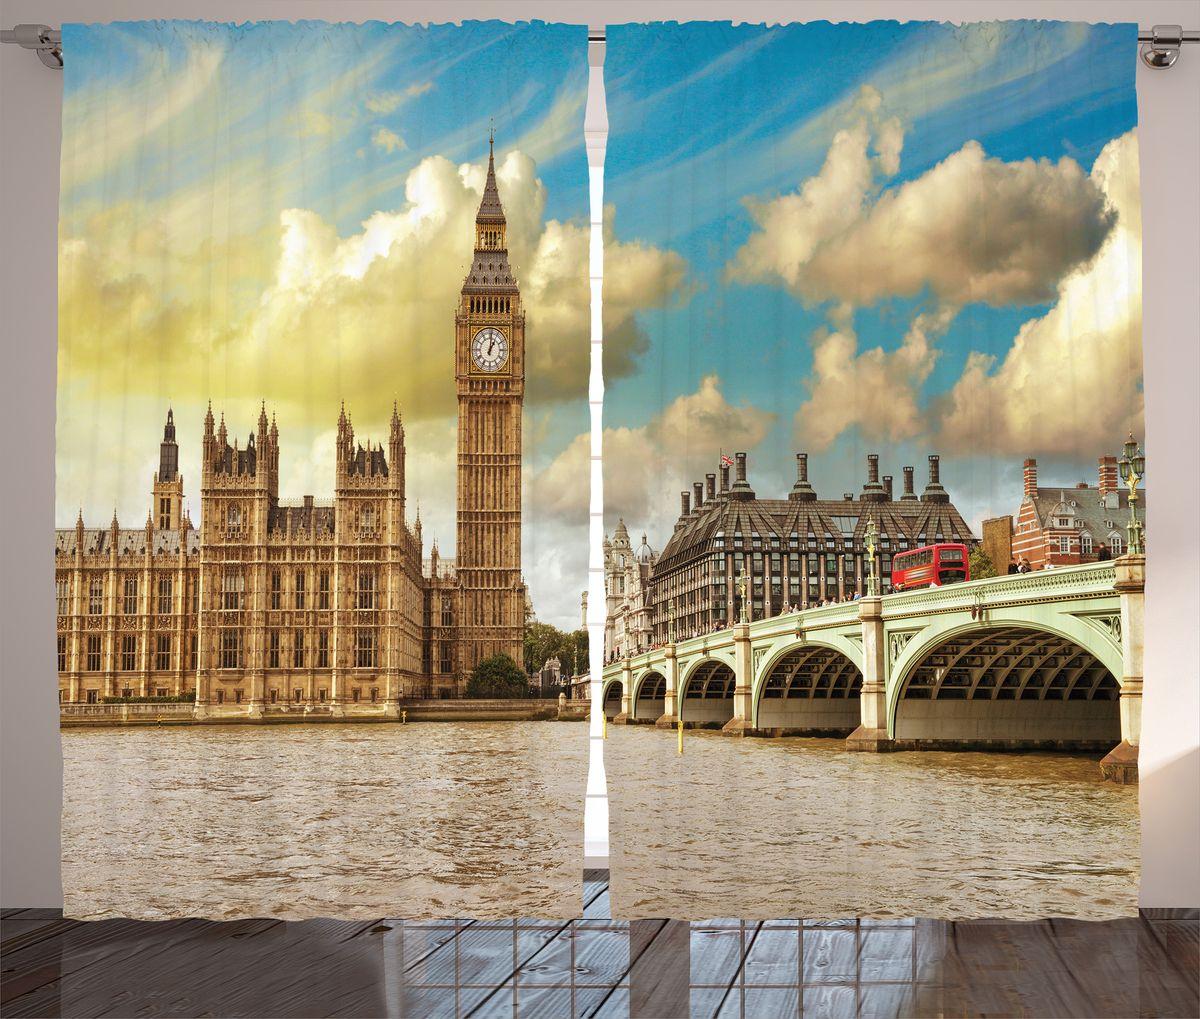 Комплект фотоштор Magic Lady Биг Бен и парламент Англии на фоне облачного неба, на ленте, высота 265 см. шсг_2713VT-1840-BKКомплект фотоштор Magic Lady Биг Бен и парламент Англии на фоне облачного неба выполнен из высококачественного сатена (полиэстер 100%). При изготовлении используются специальные гипоаллергенные чернила. Они отлично дополнят украшение любого интерьера. Крепление на карниз при помощи шторной ленты на крючки.